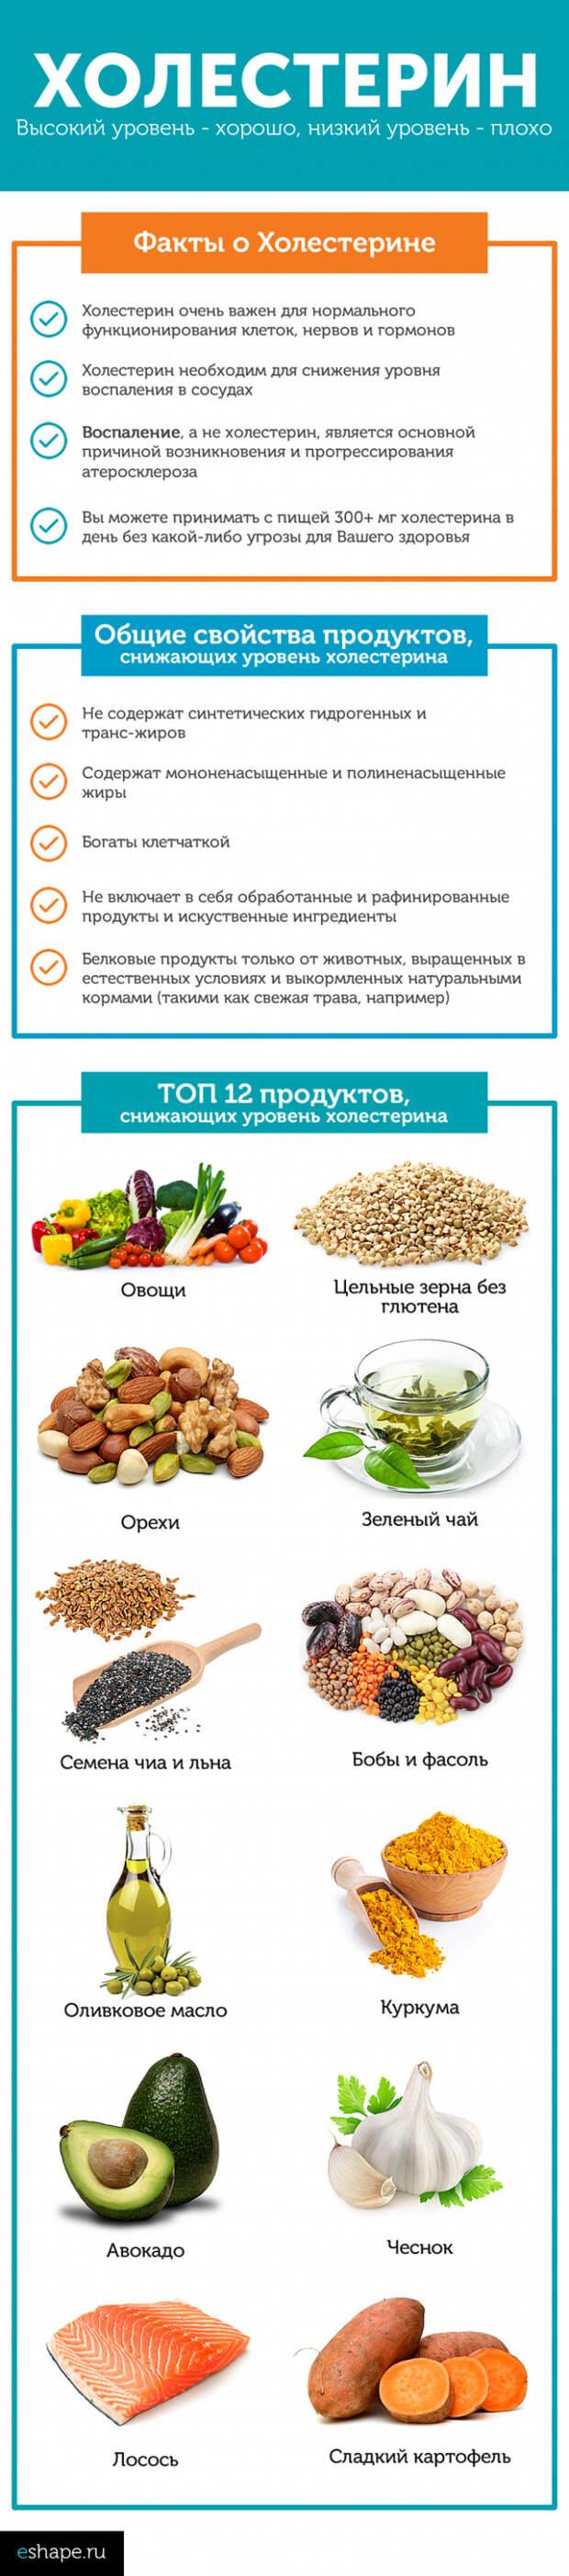 холестерин-фл